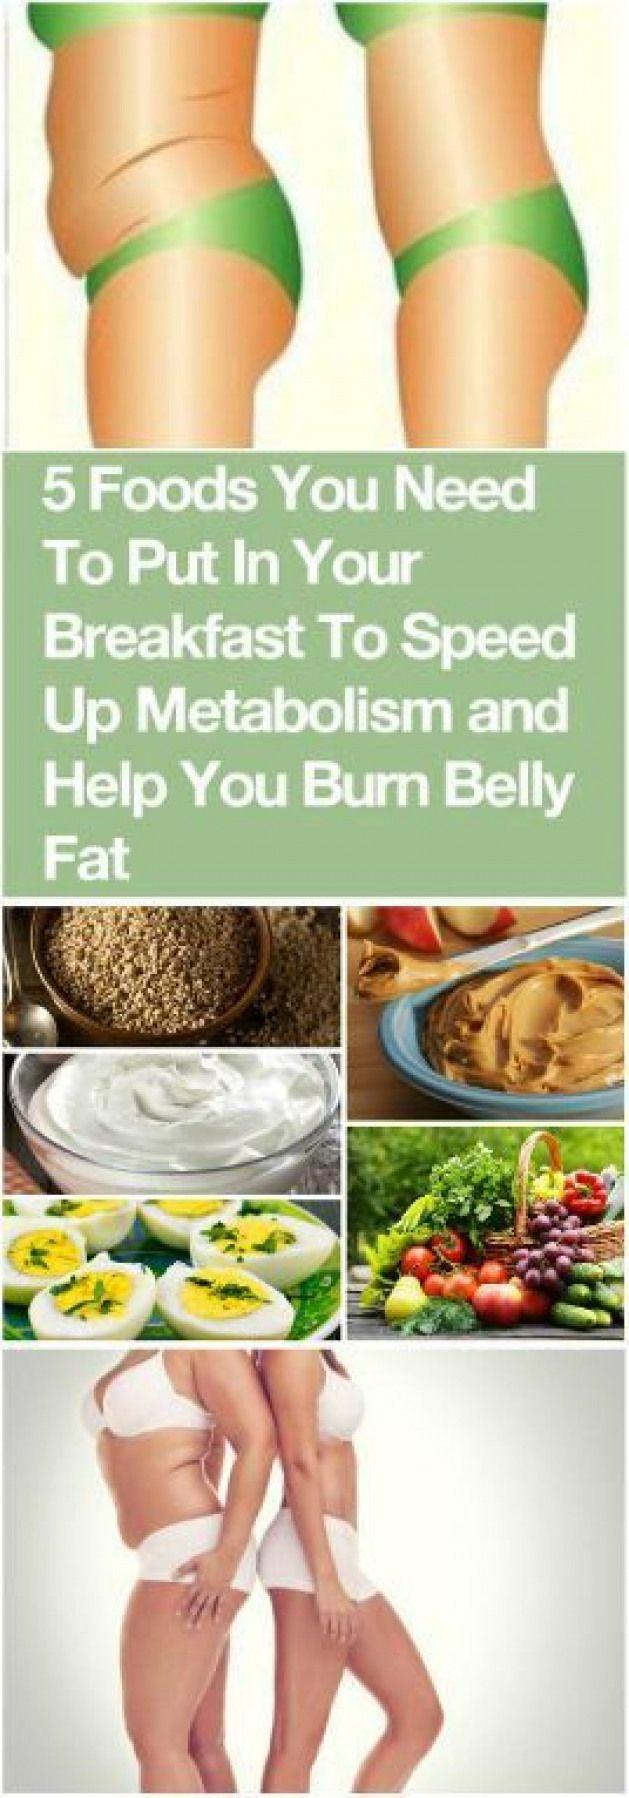 Breve guía de dieta del metabolismo 7 dias